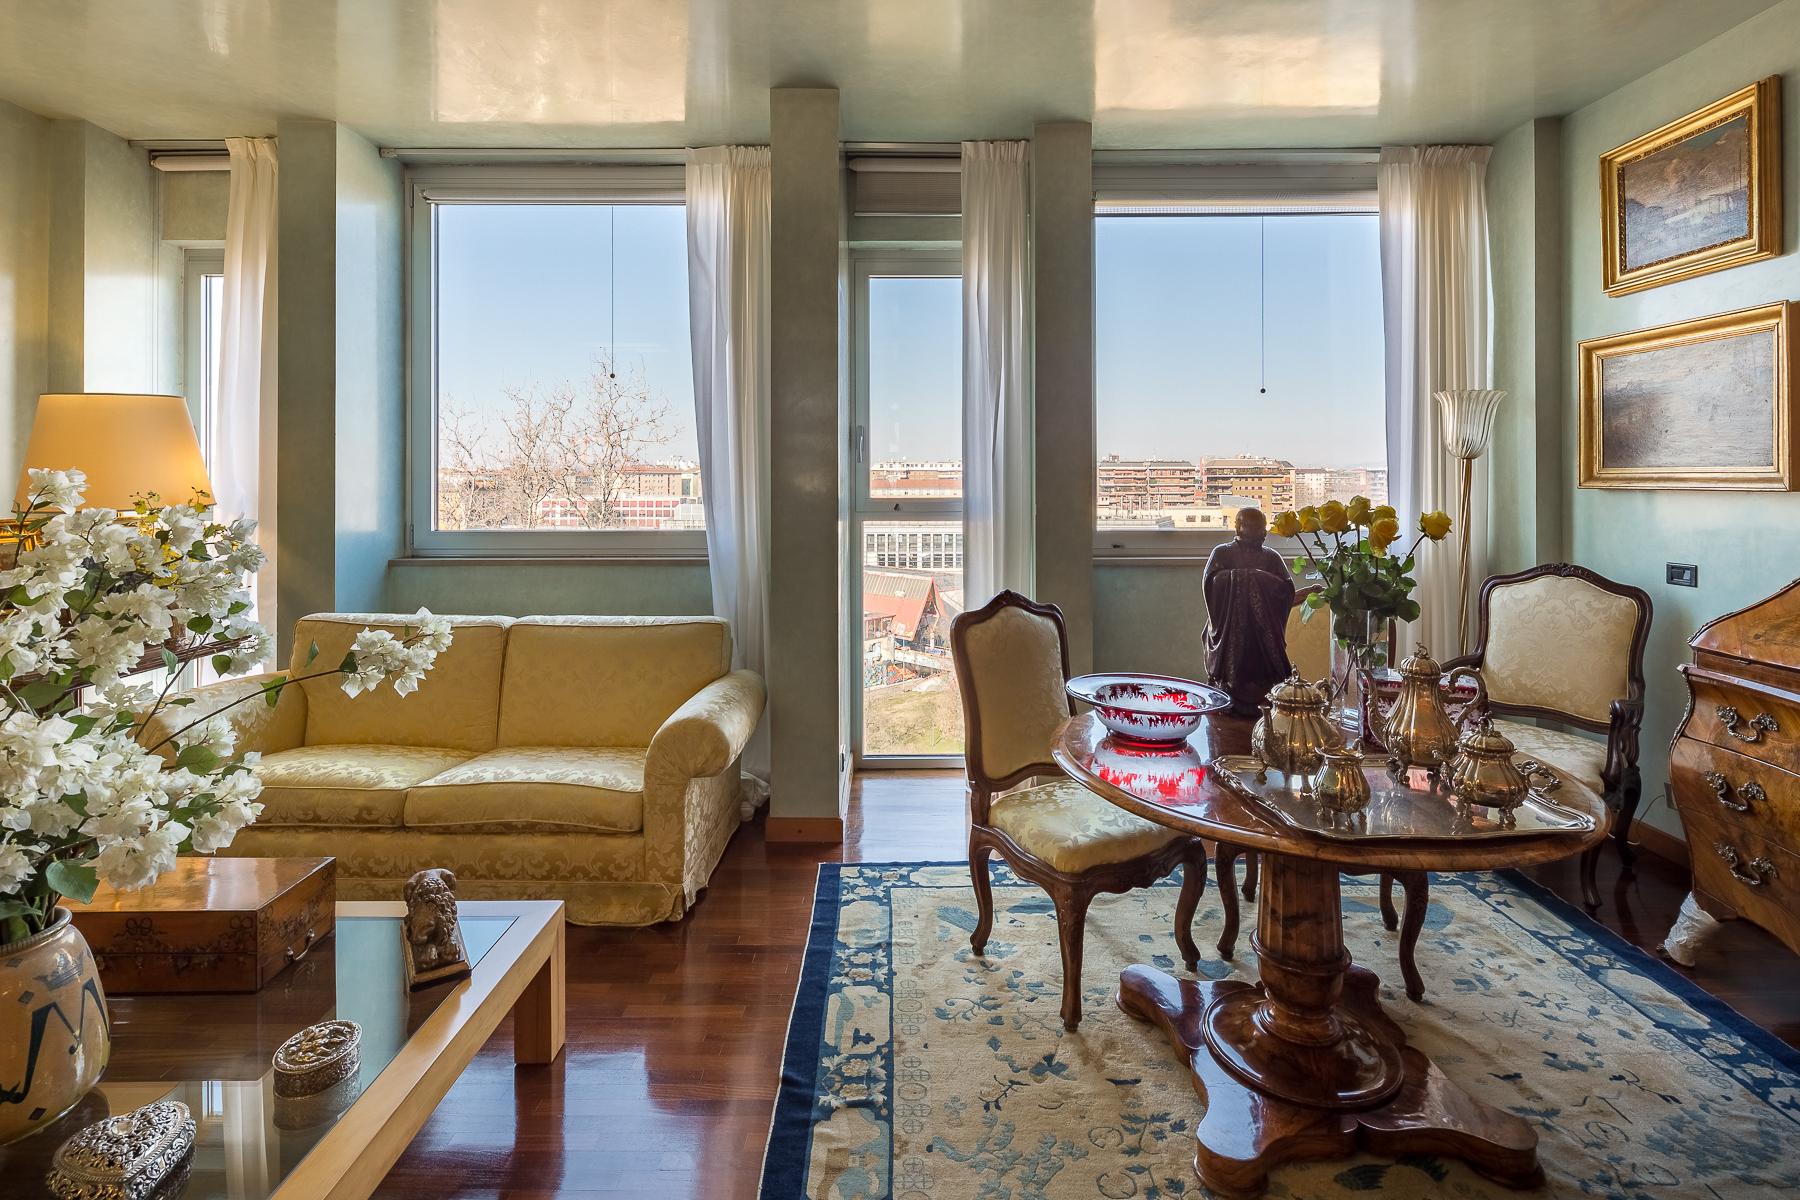 Appartamento in Vendita a Milano: 4 locali, 180 mq - Foto 6